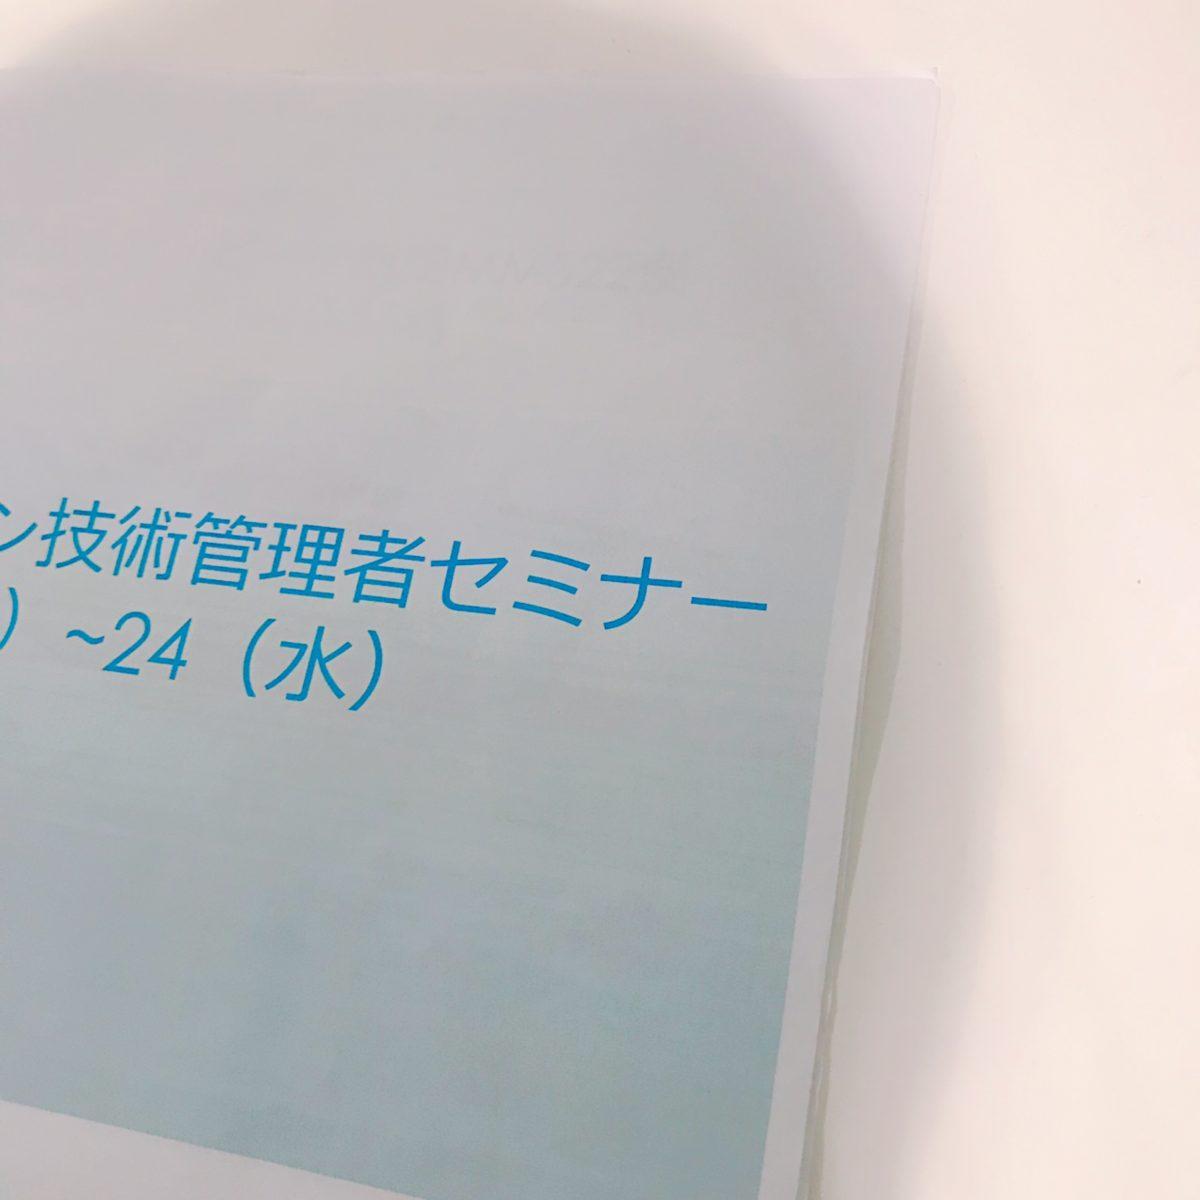 技術管理者セミナー✏️📖IN東京